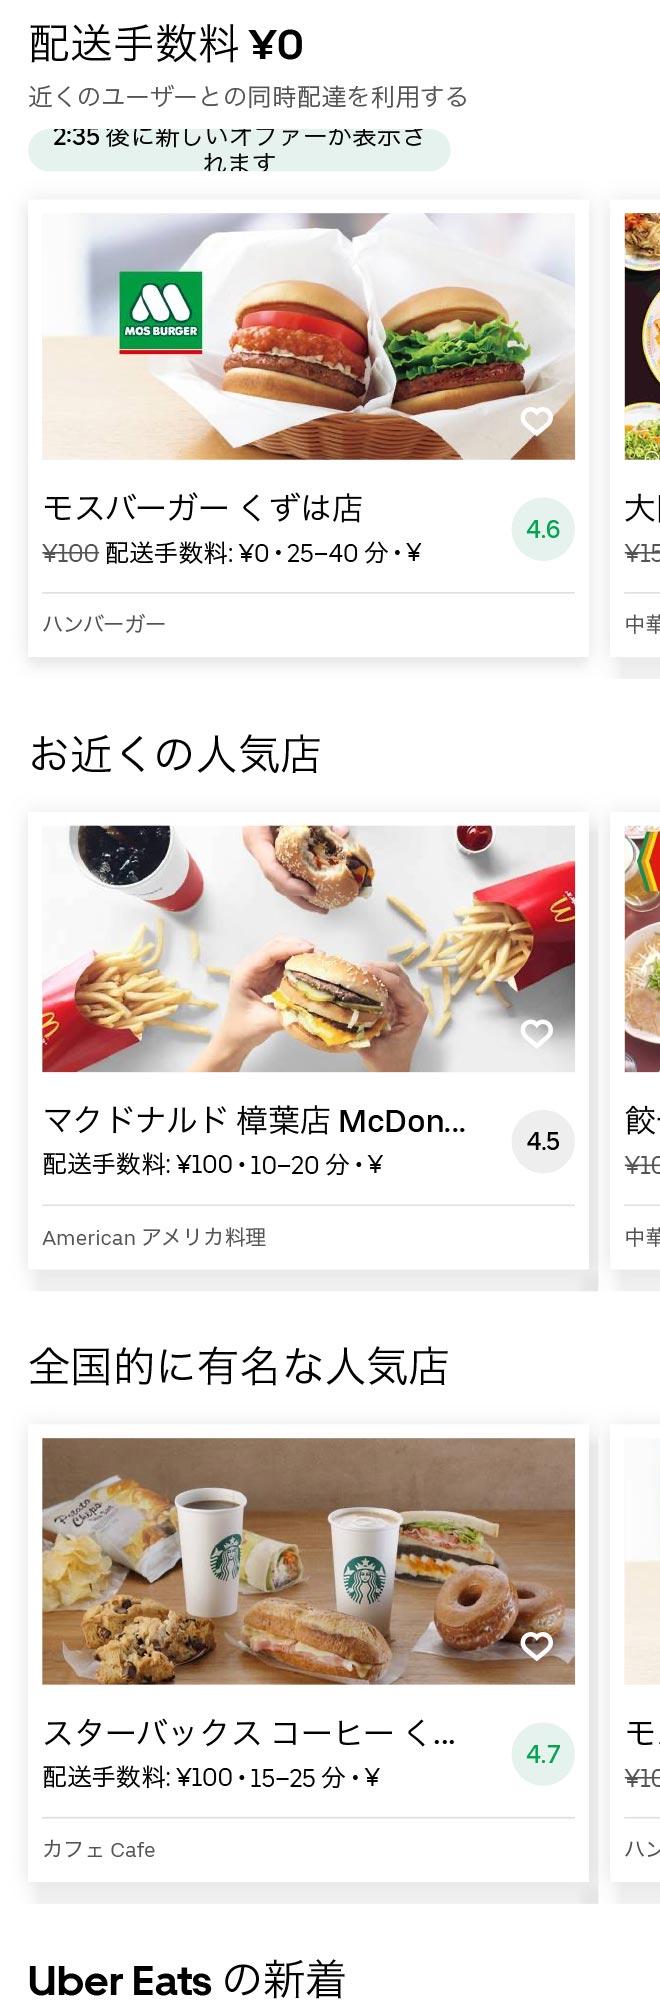 Kuzuha menu 2010 01